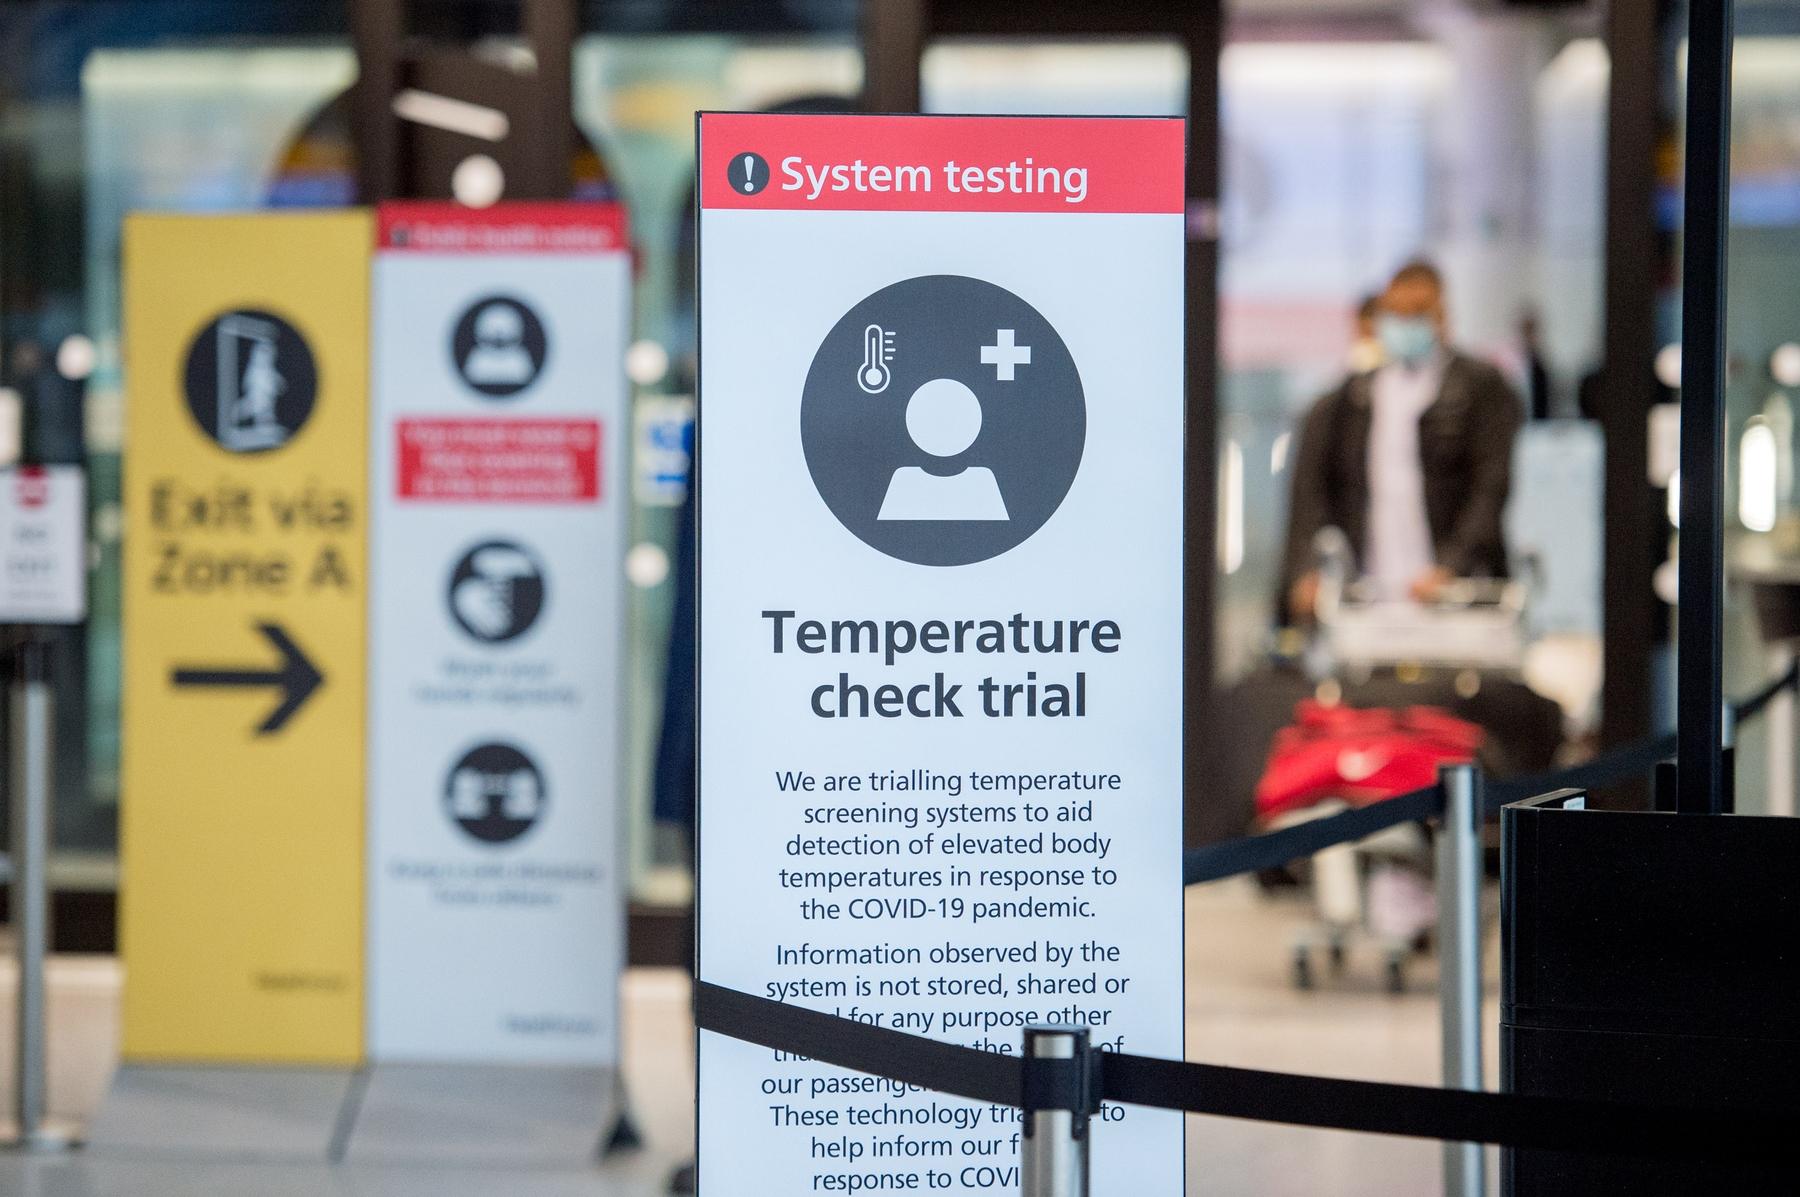 Certains aéroports vous soumettront aux vérifications de la temperature